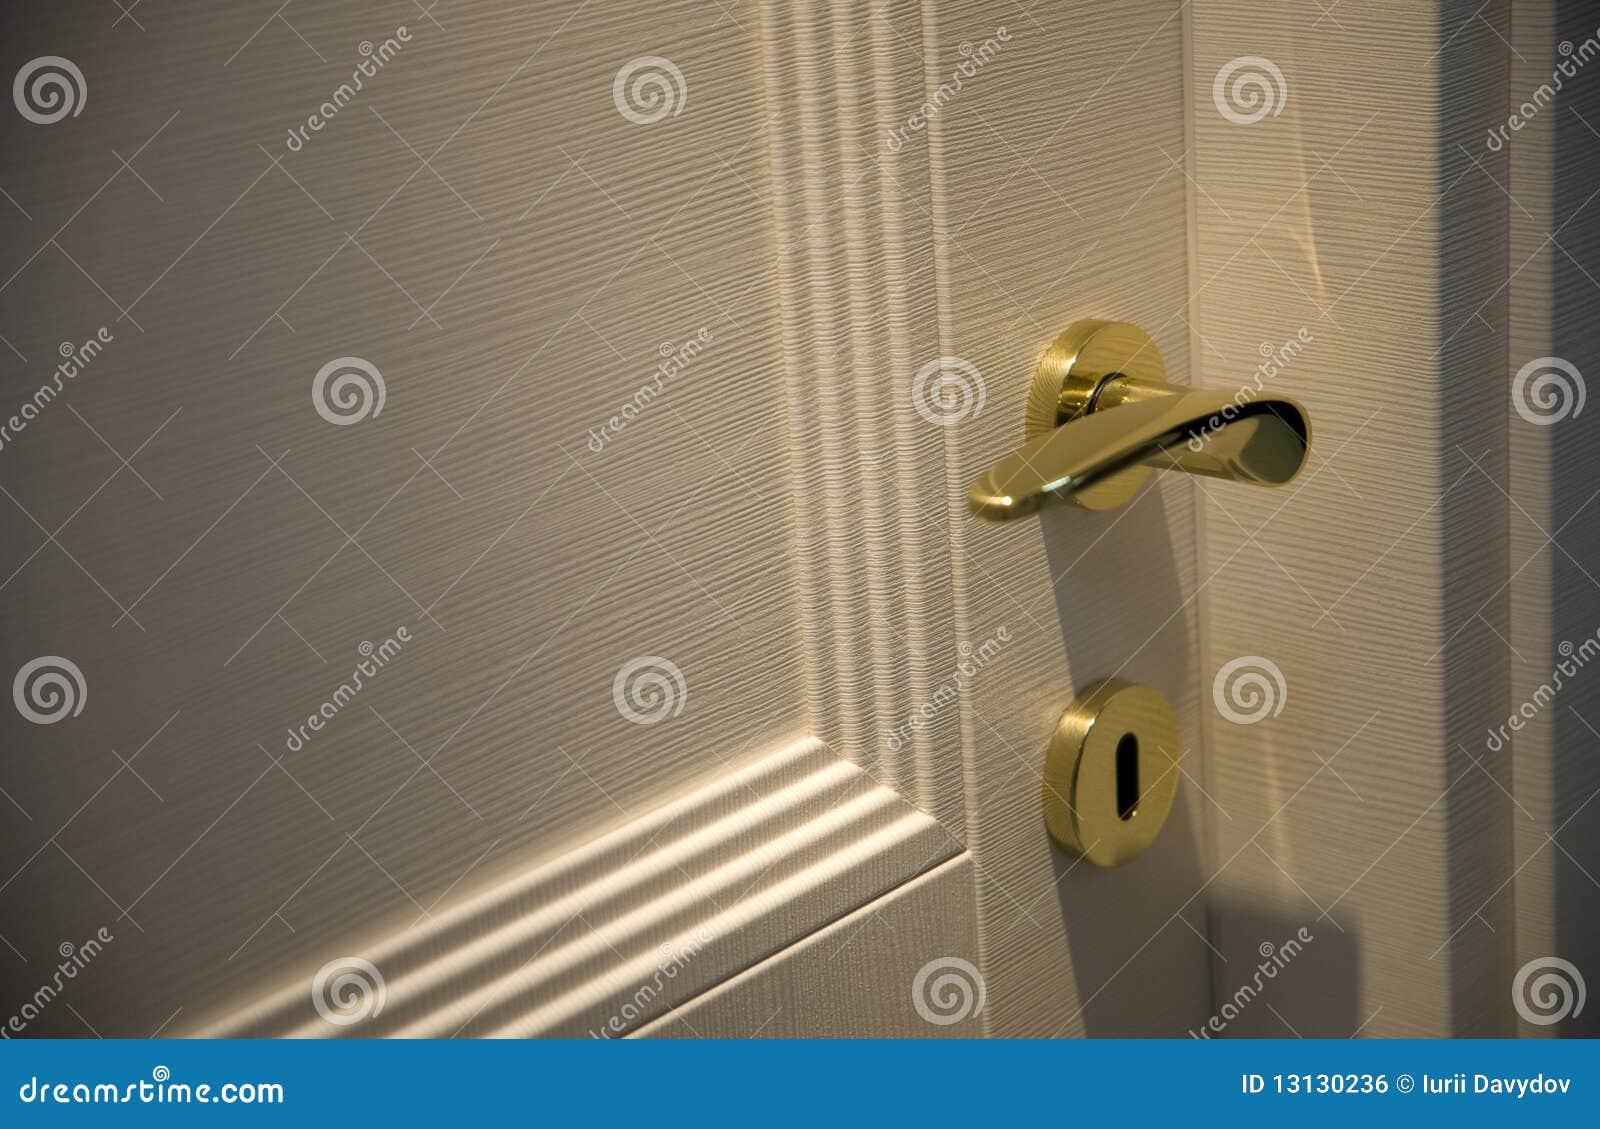 Door Handle Gold Chrome Door Knob Stock Photo - Image: 13130236